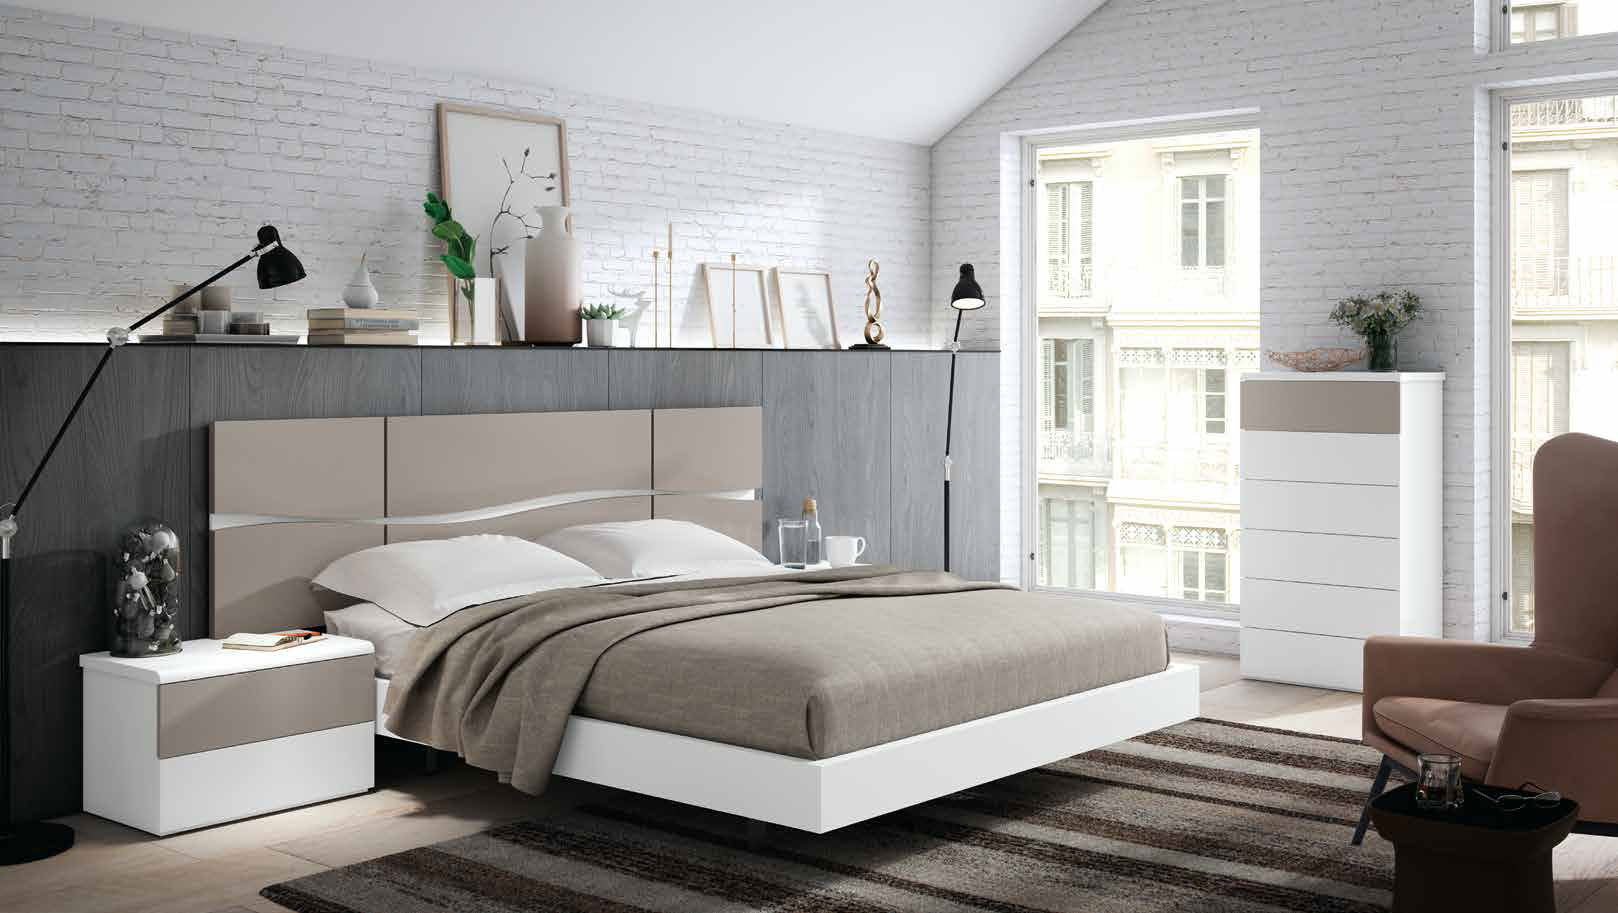 creta-dormitorio-hebe-29